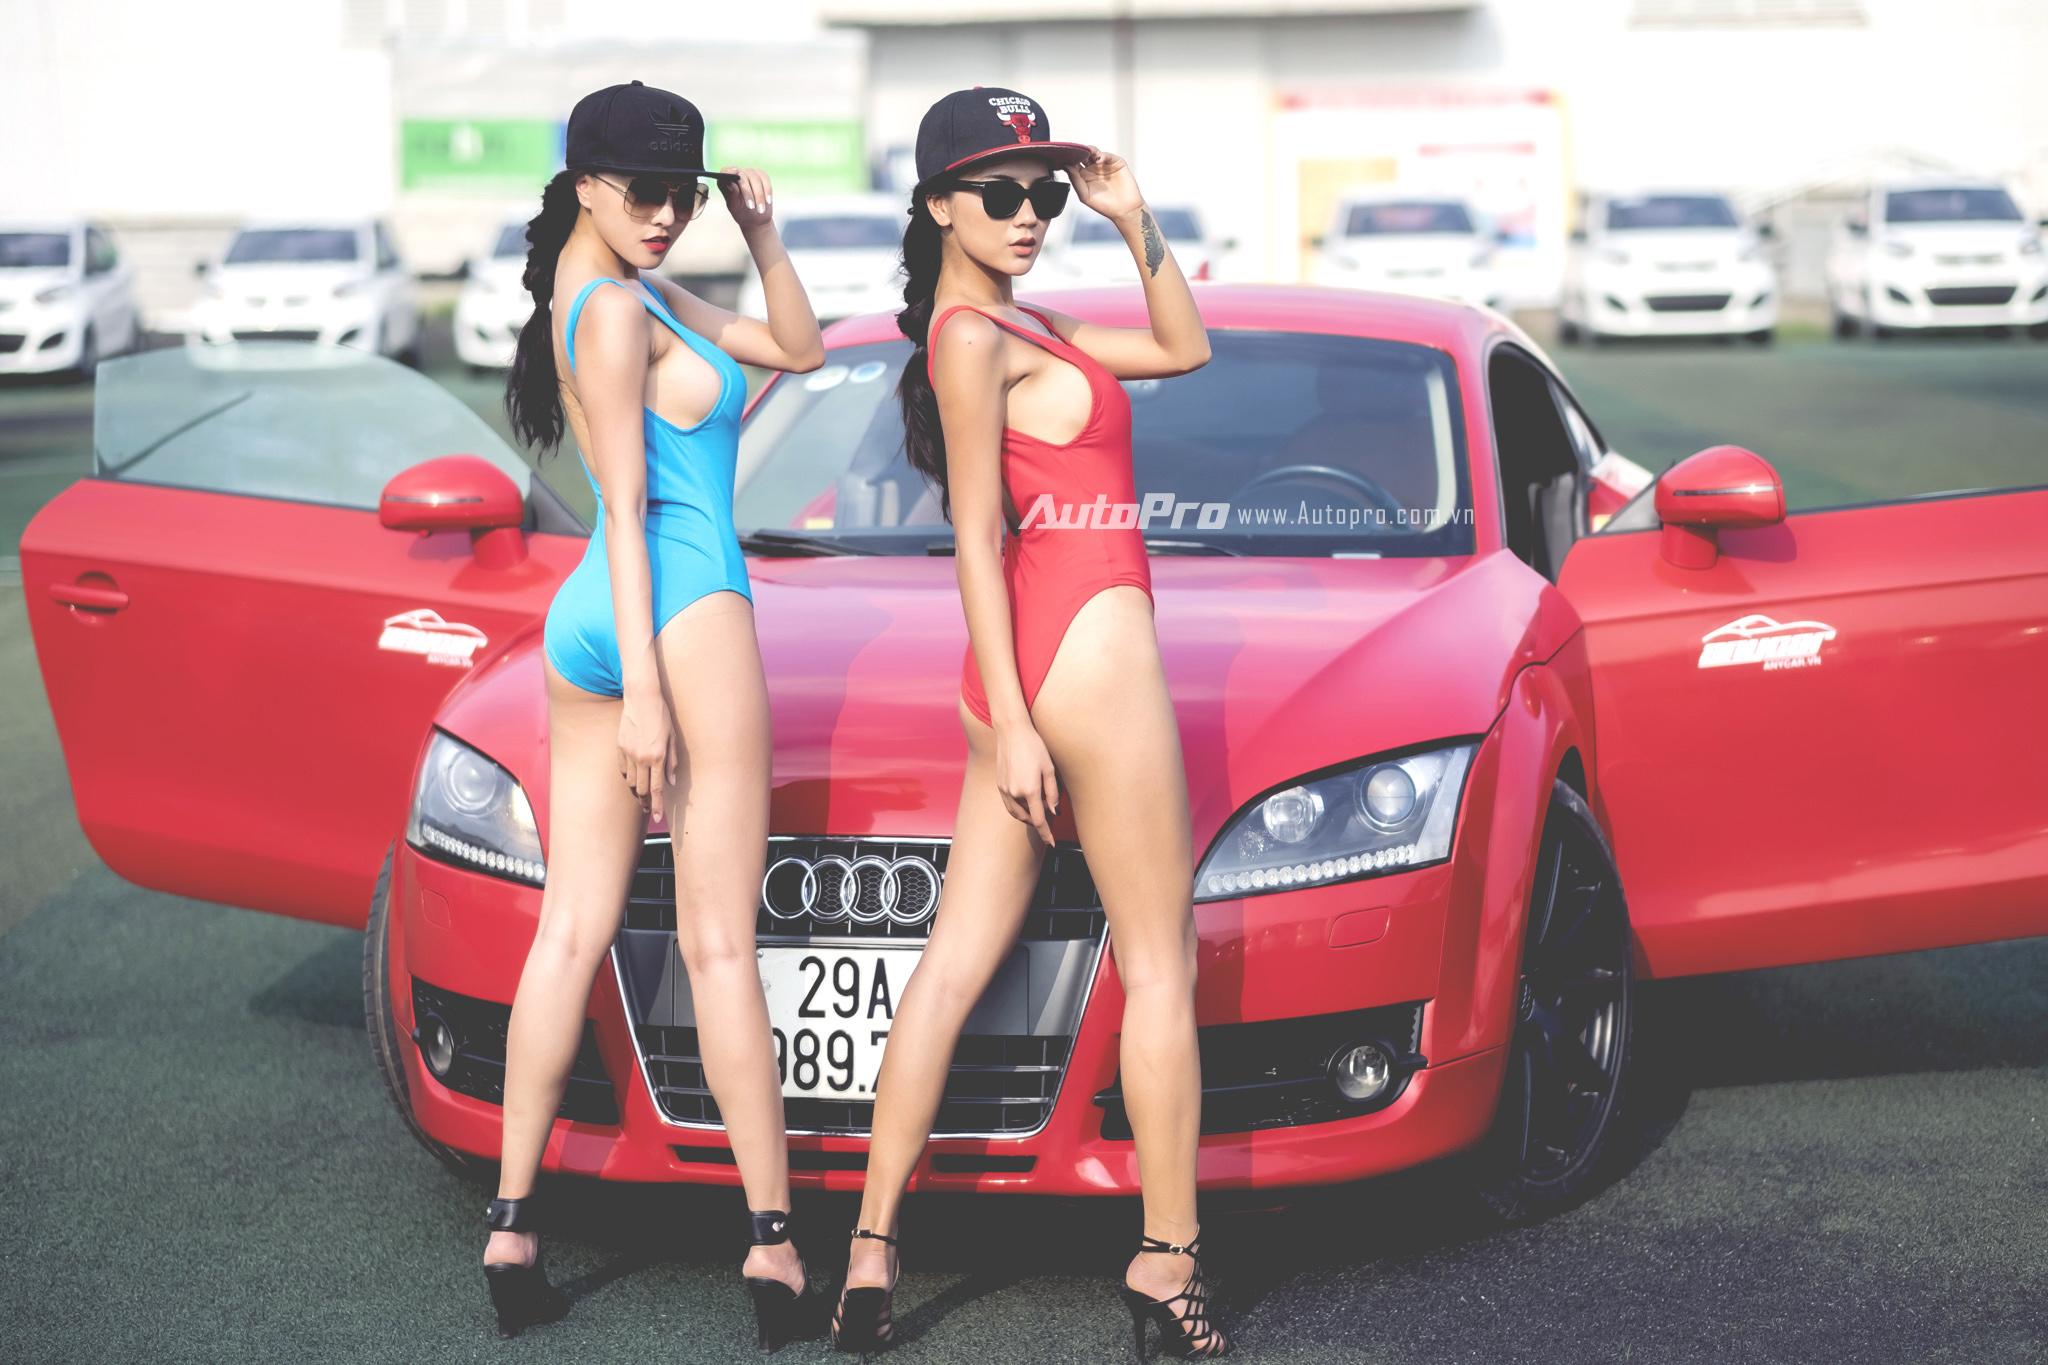 chân dài nóng bỏng cùng Audi TT Chân dài nóng bỏng cùng Audi TT trong nắng capdoinongbongcungaudittuotattrongnanghe